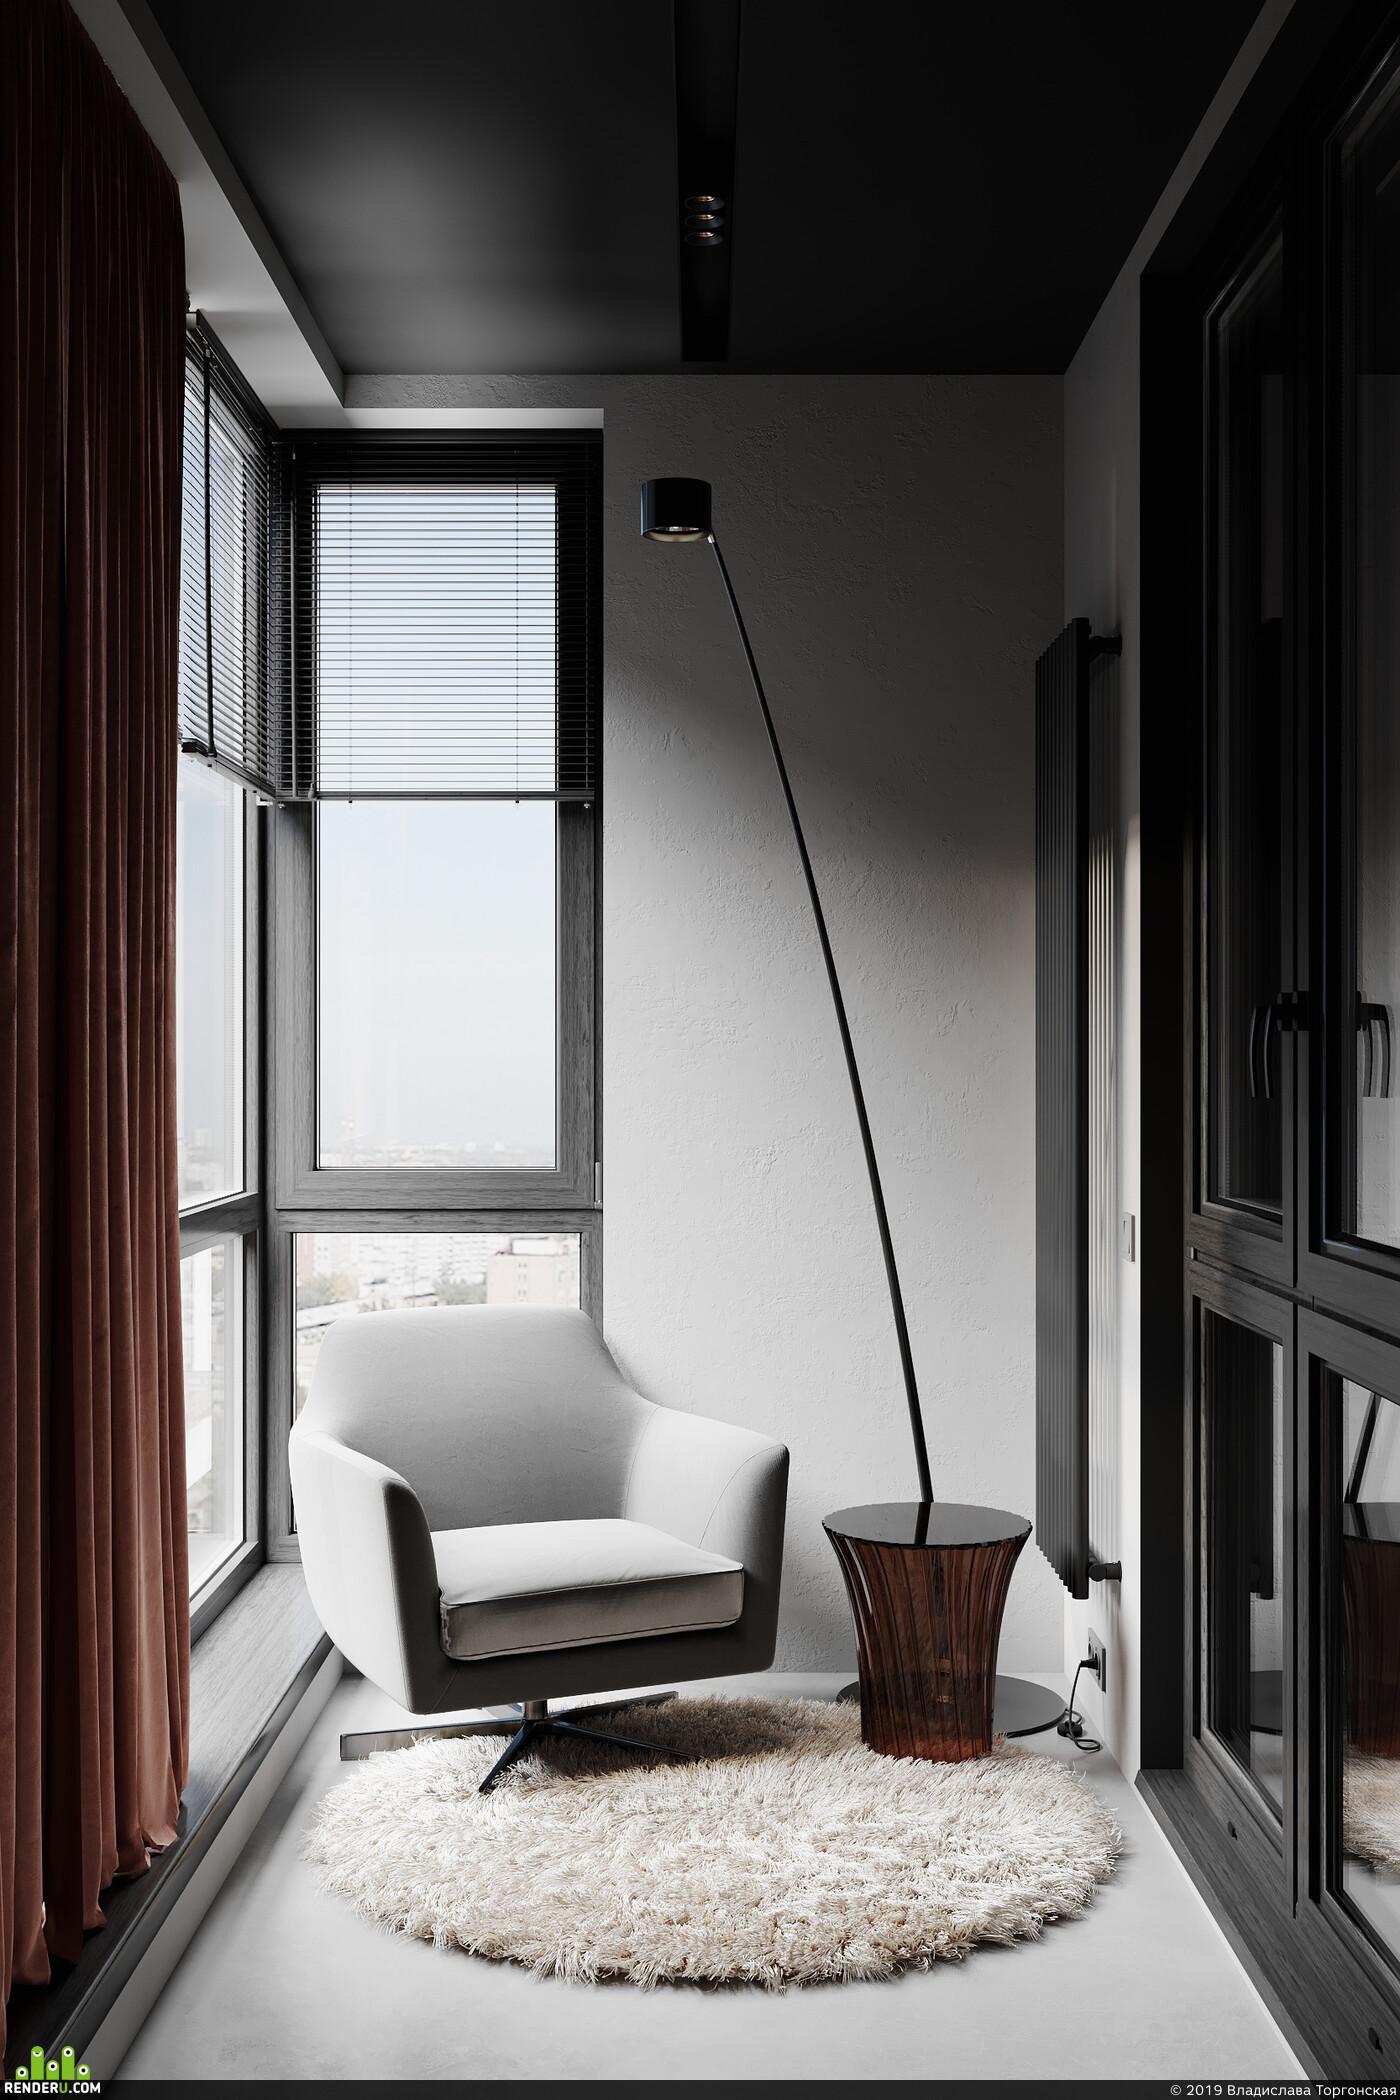 дизайн интреьера, визуализация, кухня, гостиная, Спальня, ванная комната, балкон